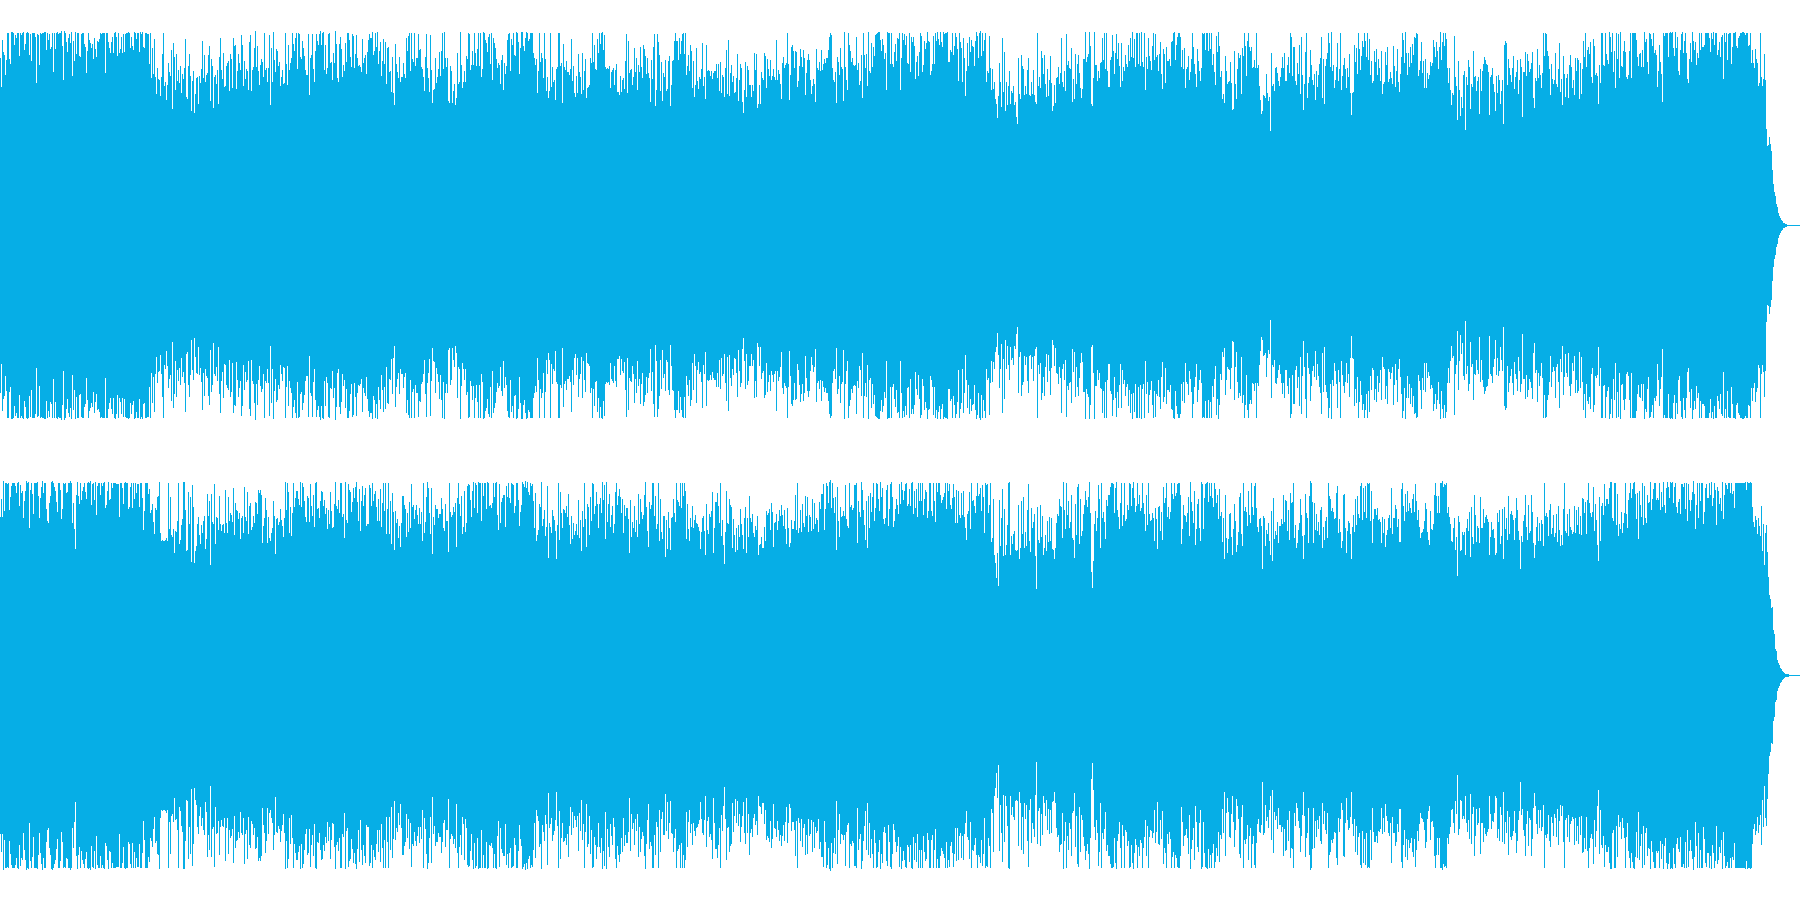 3連リズムのメロディックなメタルインストの再生済みの波形